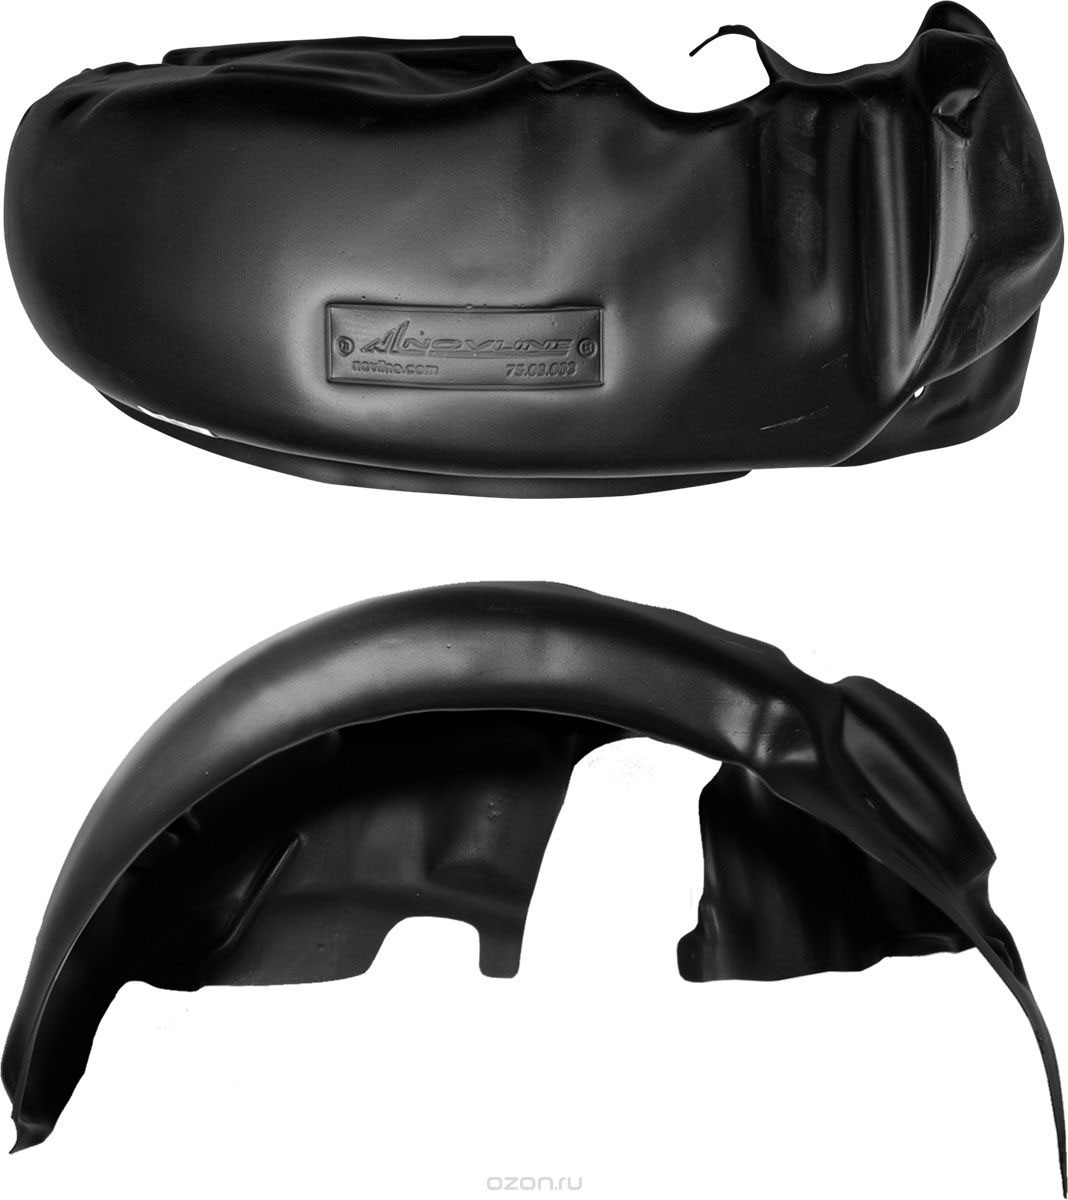 Подкрылок Novline-Autofamily, для FIAT Ducato, 2012->, задний правыйVCA-00Идеальная защита колесной ниши. Локеры разработаны с применением цифровых технологий, гарантируют максимальную повторяемость поверхности арки. Изделия устанавливаются без нарушения лакокрасочного покрытия автомобиля, каждый подкрылок комплектуется крепежом. Уважаемые клиенты, обращаем ваше внимание, что фотографии на подкрылки универсальные и не отражают реальную форму изделия. При этом само изделие идет точно под размер указанного автомобиля.